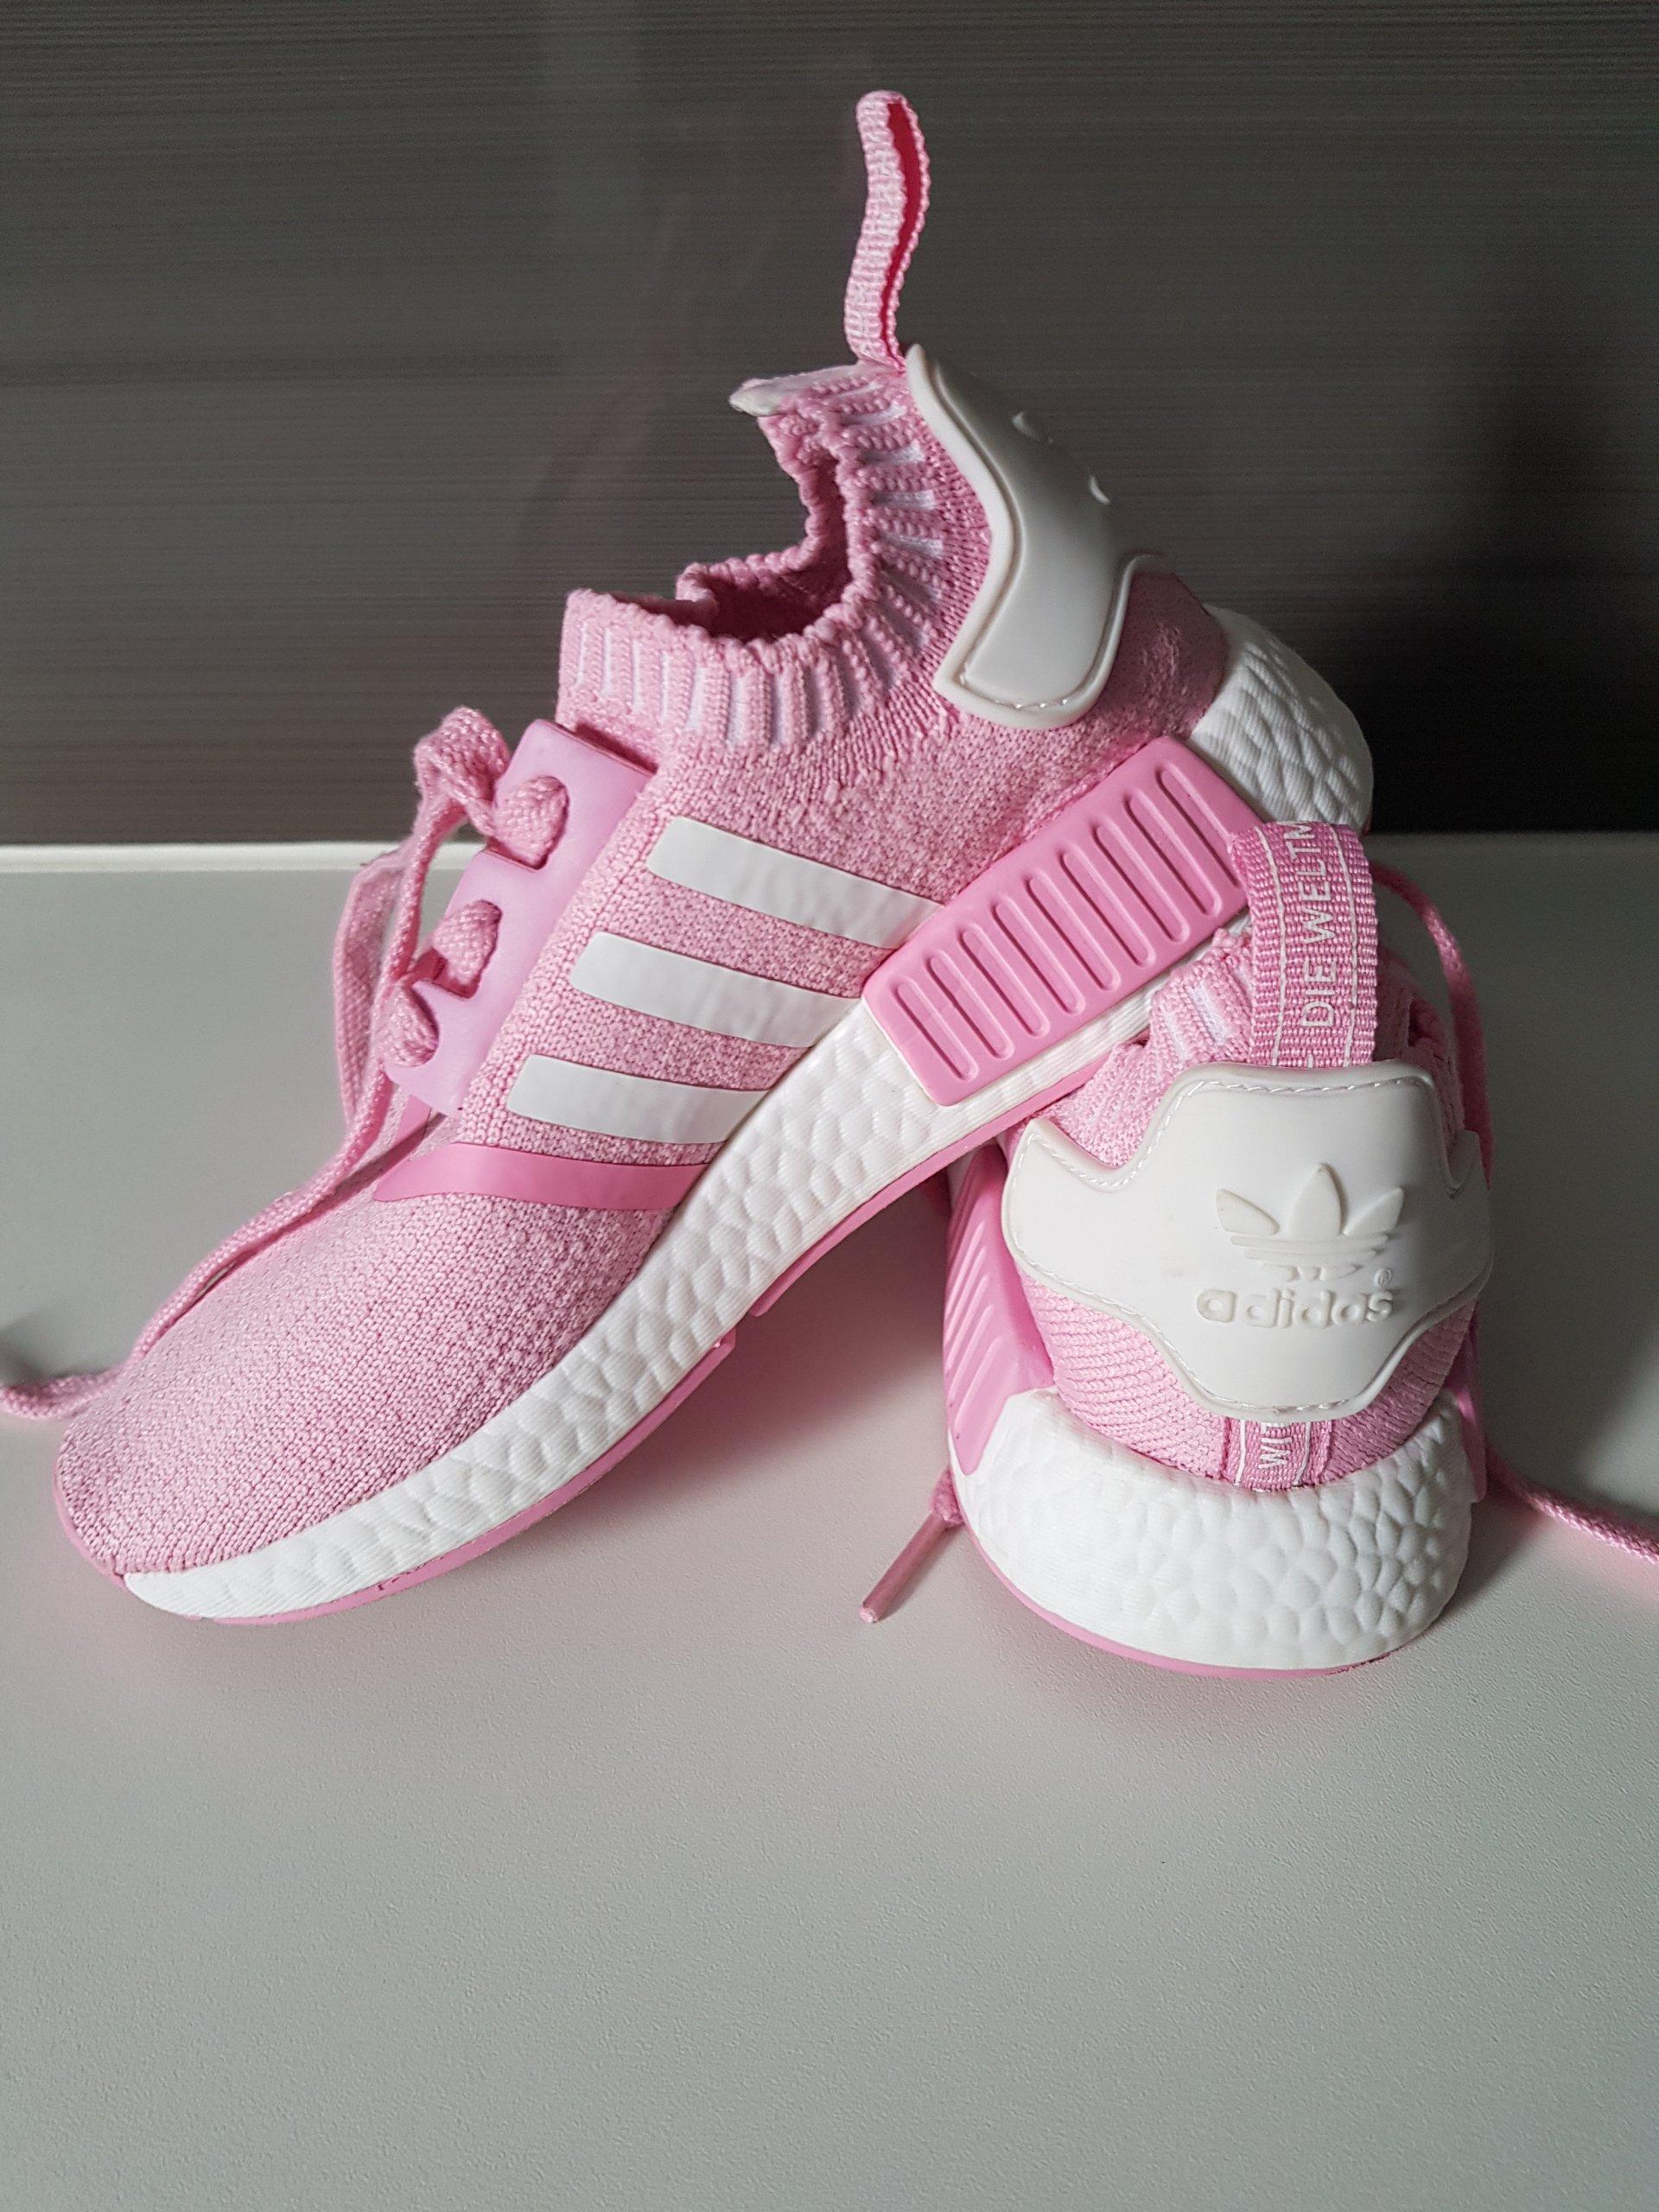 Buty Adidas Boost dziewczynka r.32 20,5cm jak NOWE